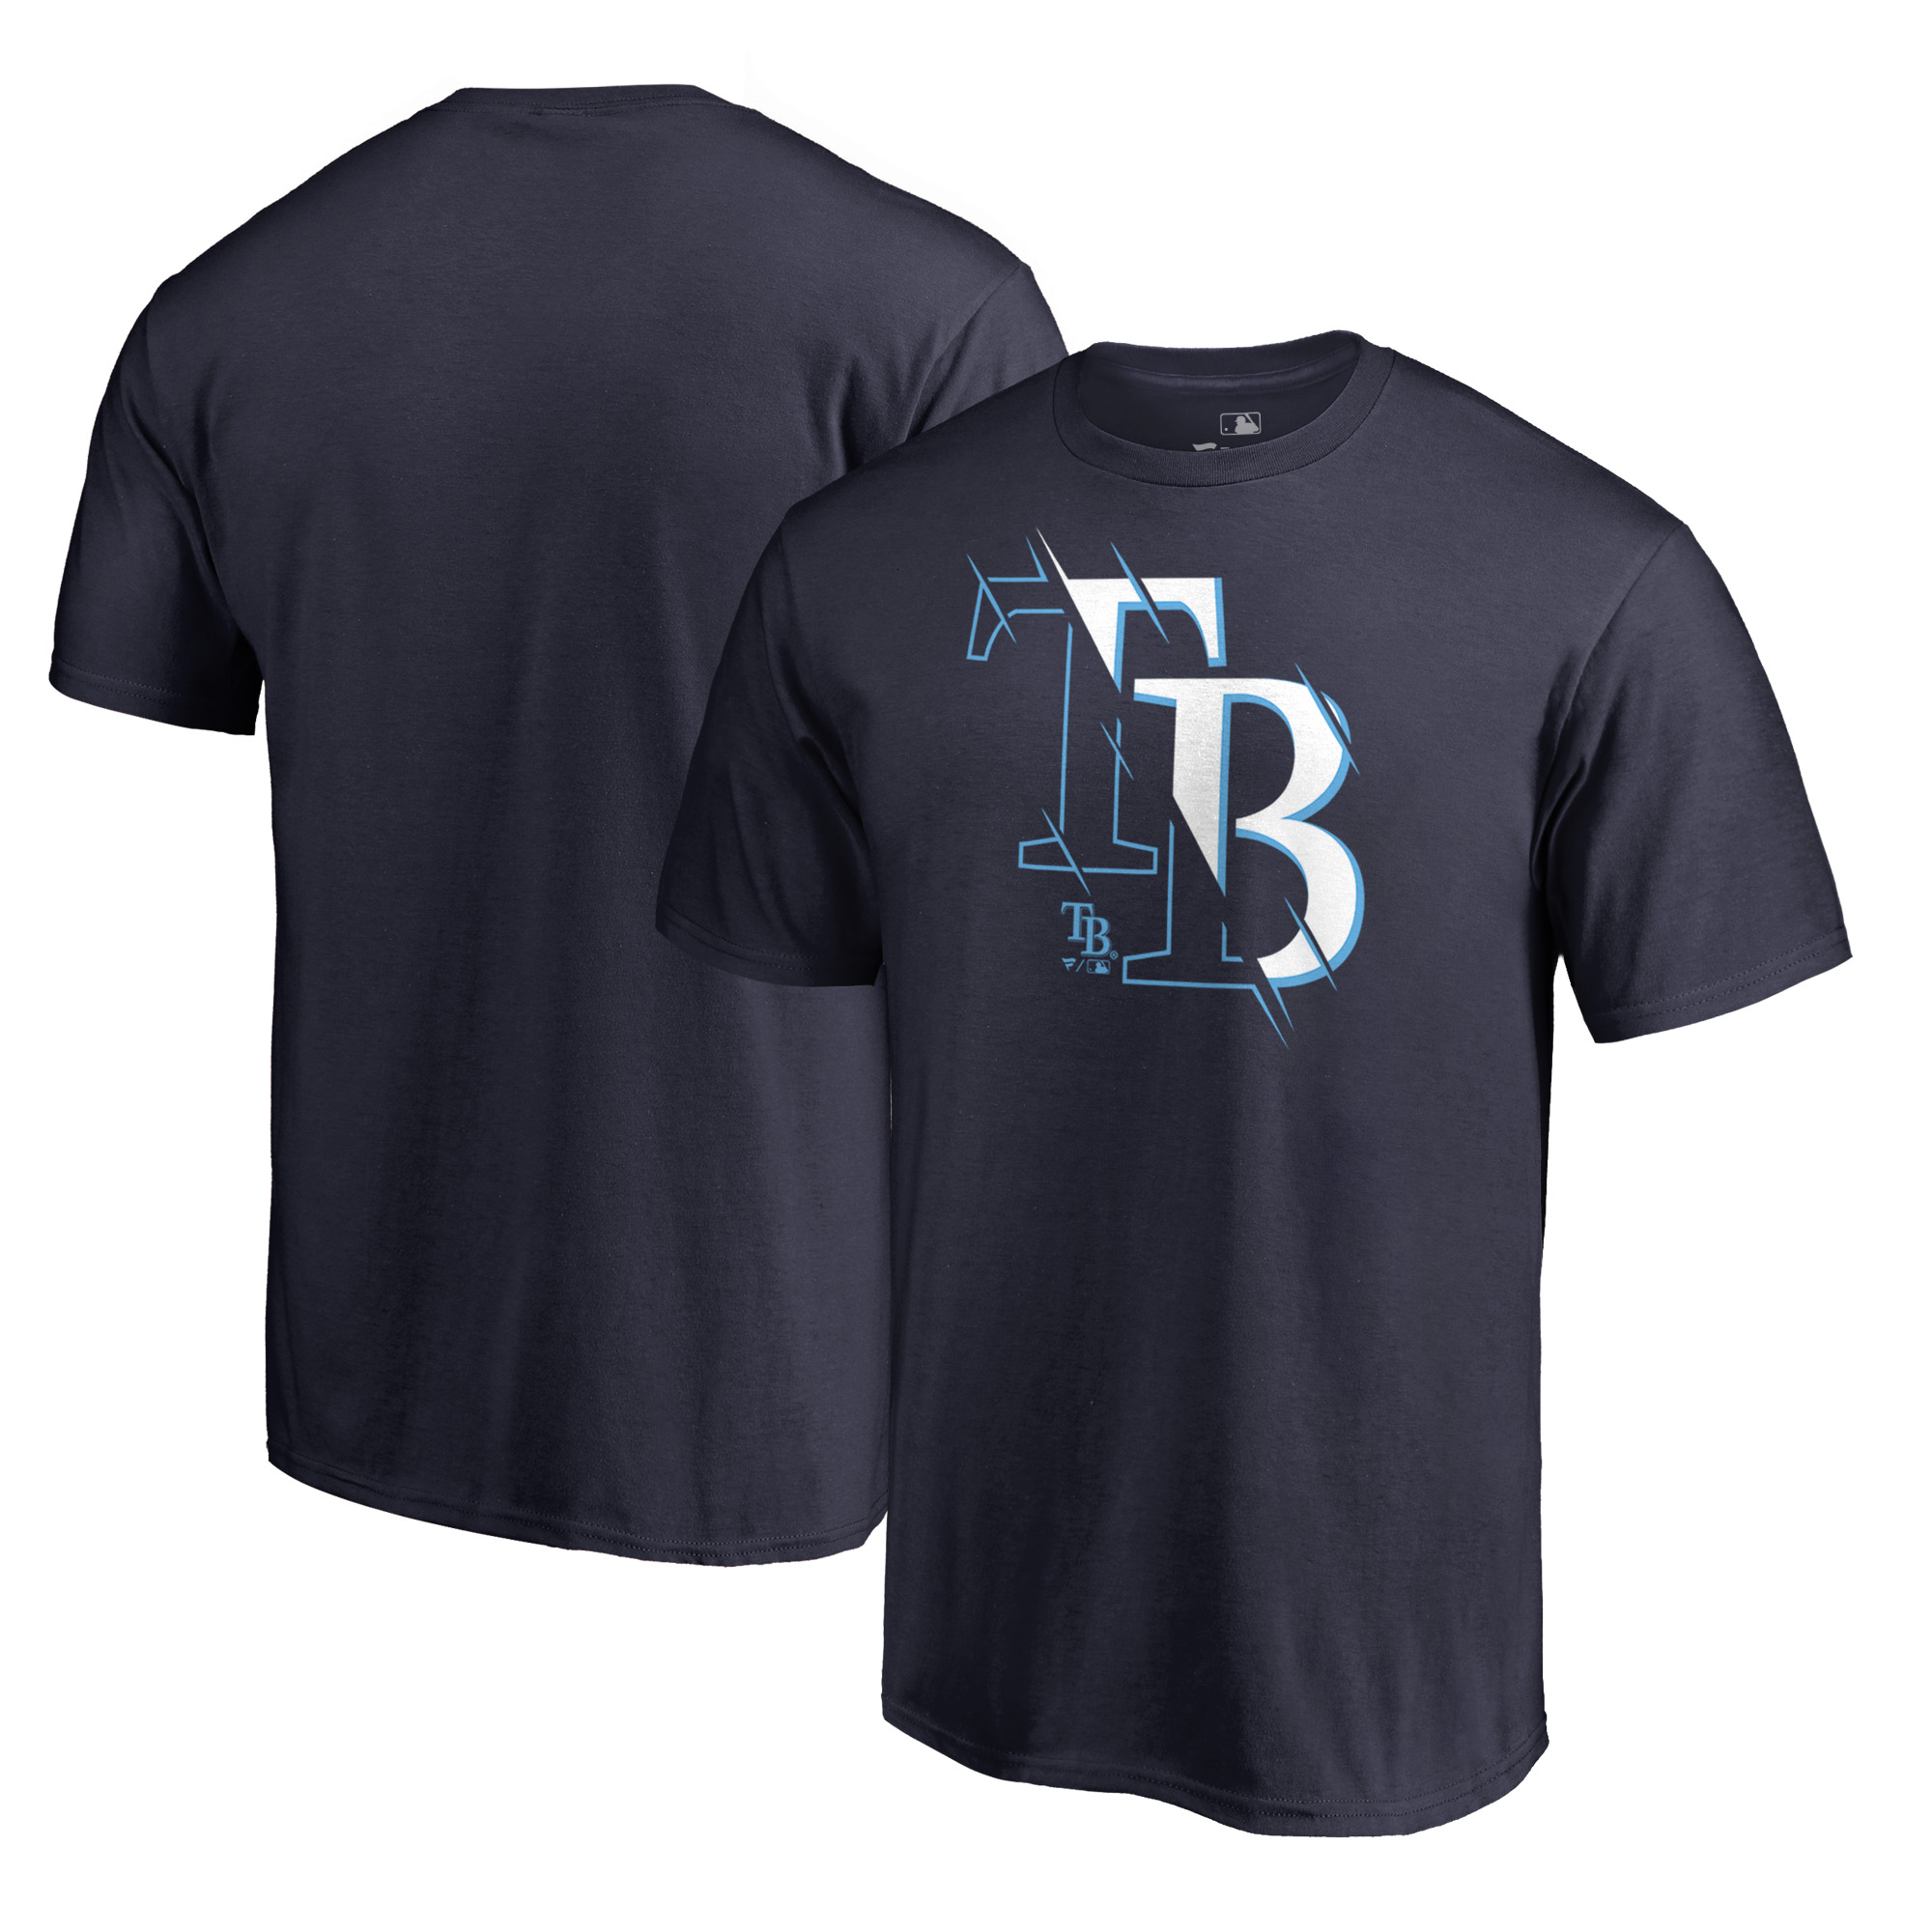 Tampa Bay Rays Fanatics Branded X-Ray T-Shirt - Navy